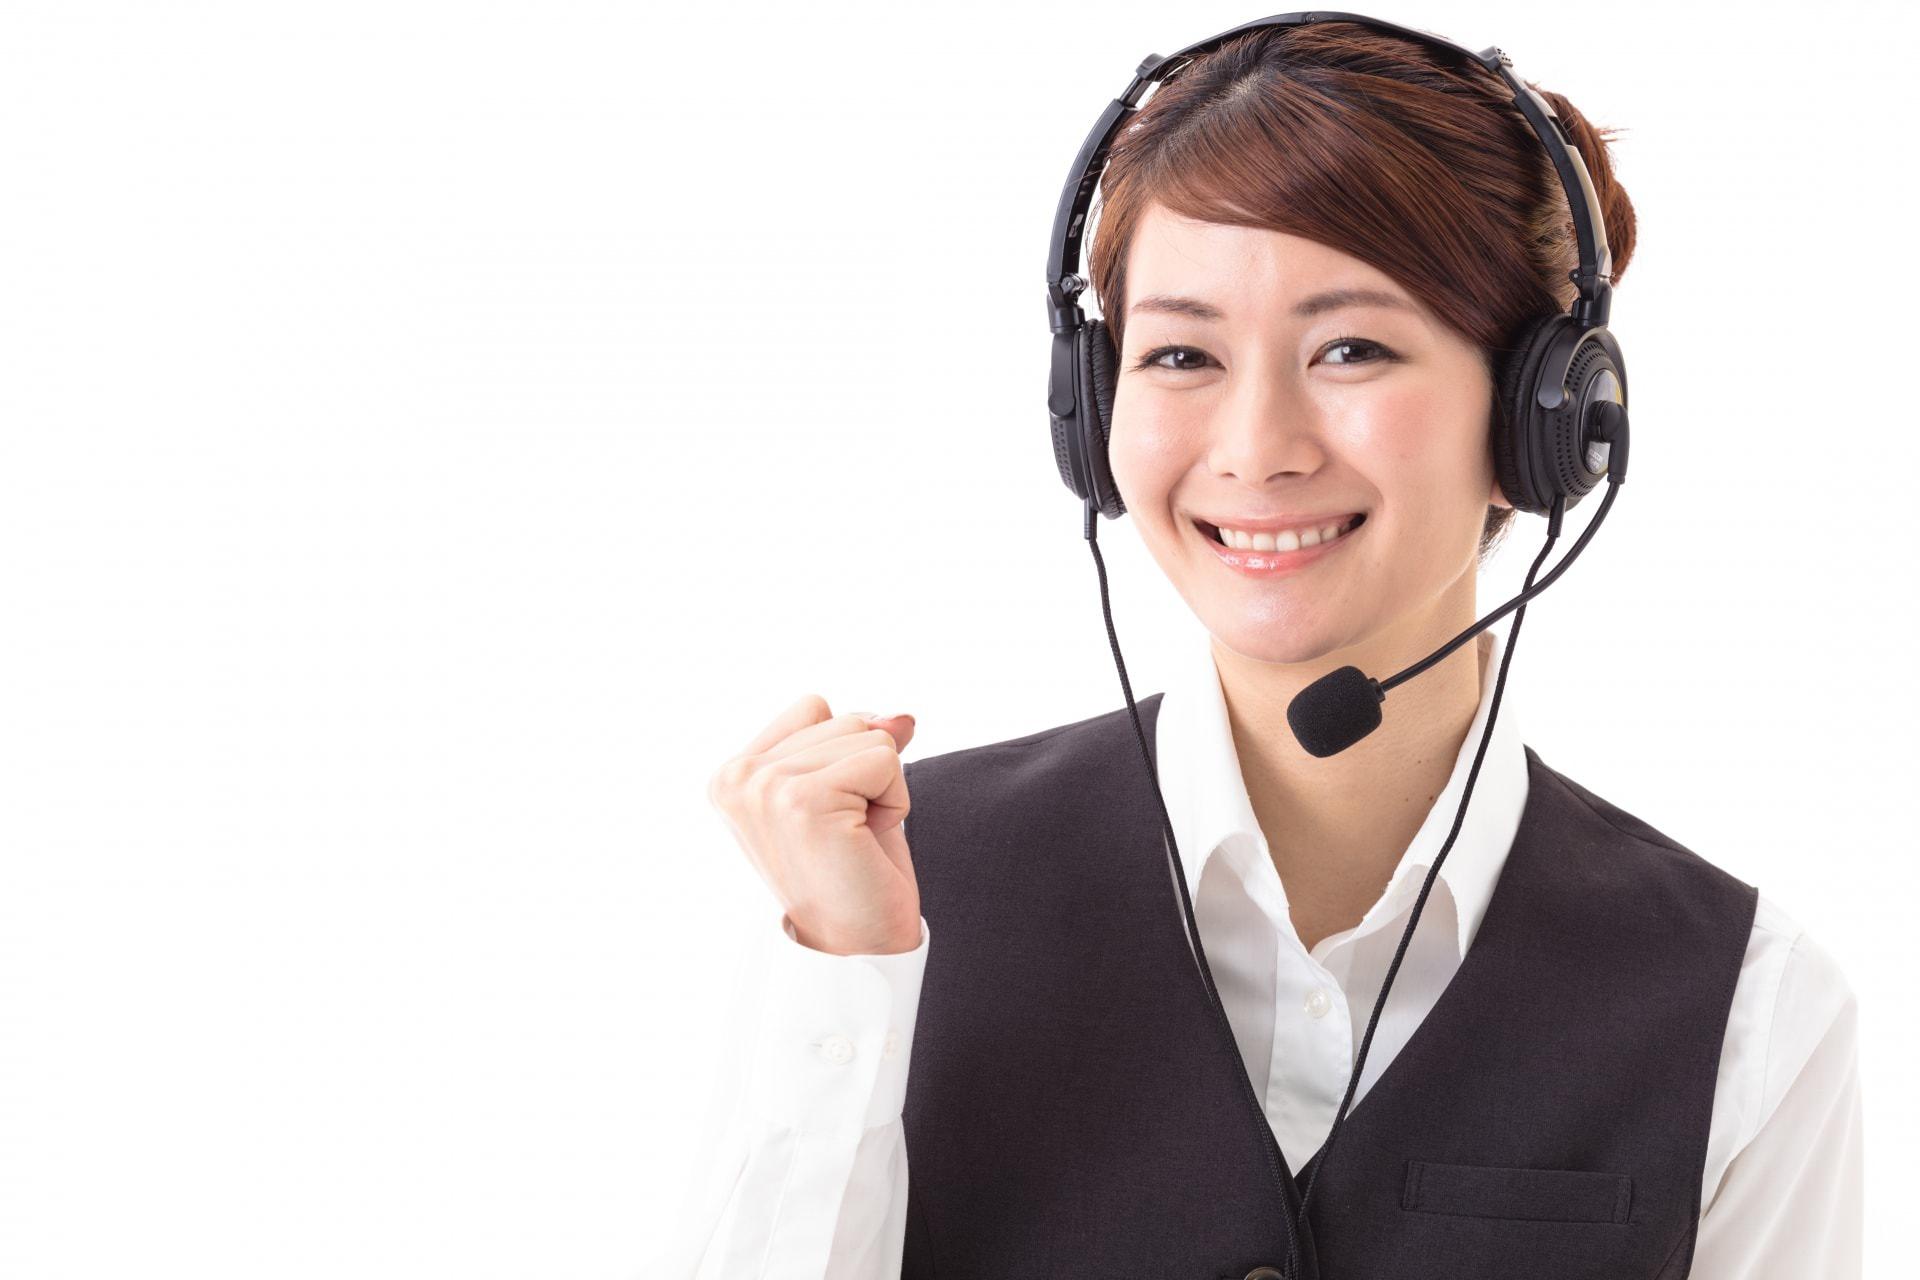 高いコミュニケーション能力が身につく仕事!コールセンターのオペレーター